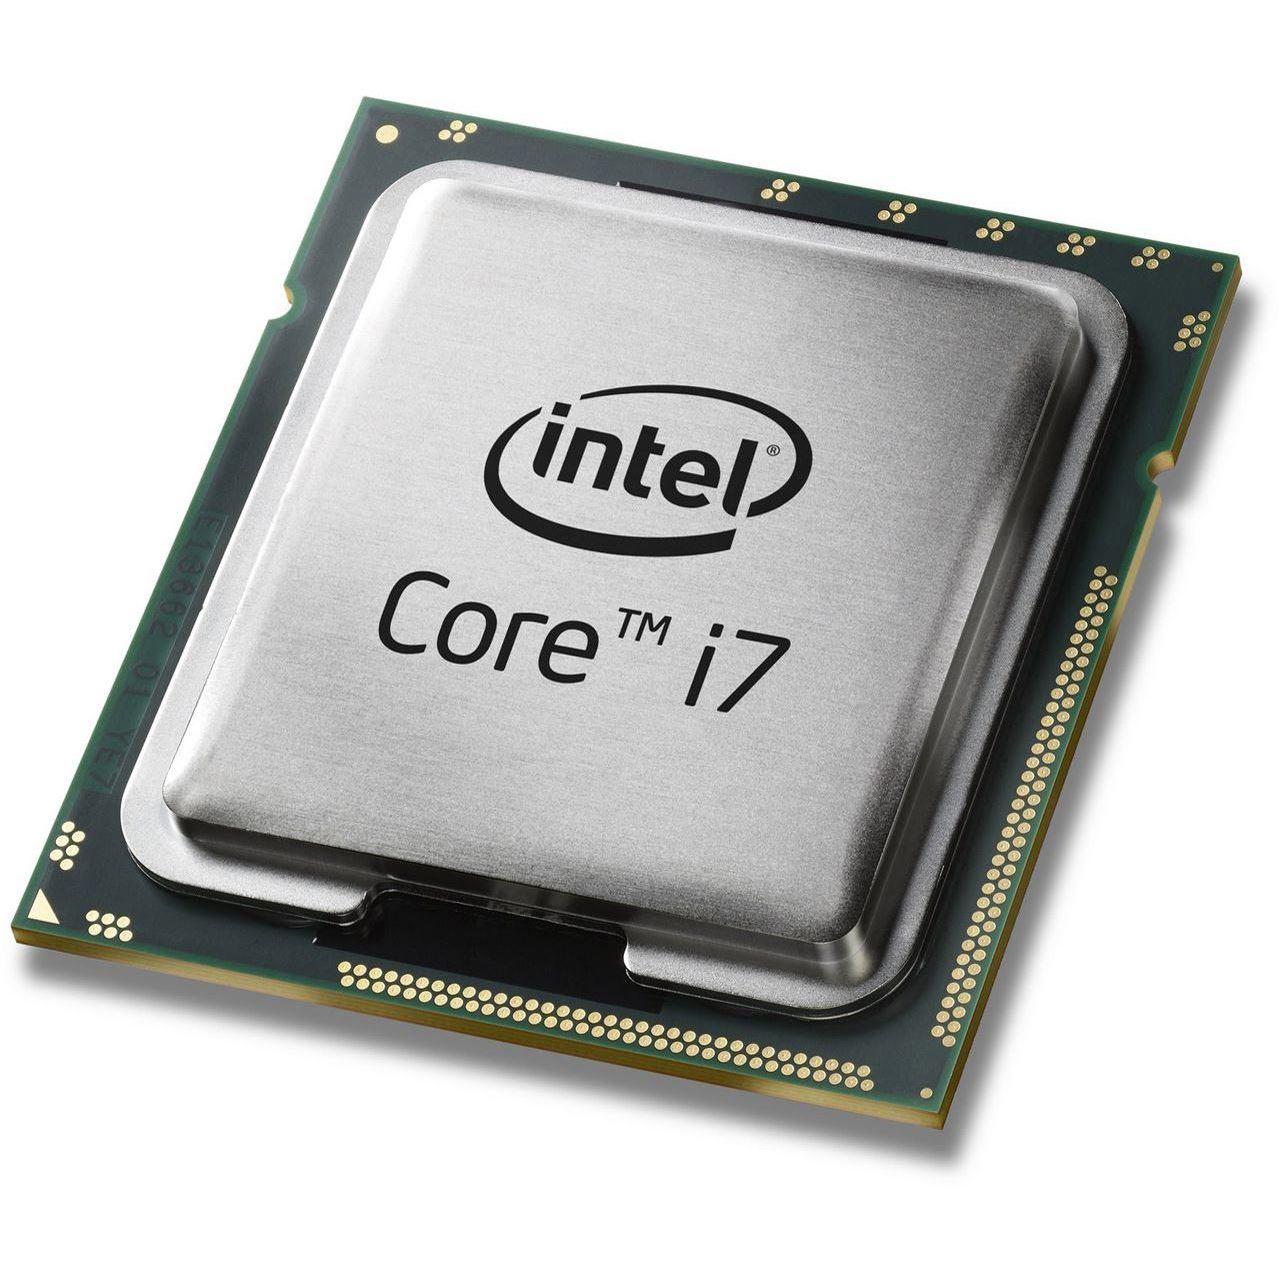 Intel Core I7-4790K - Especificações e configurações